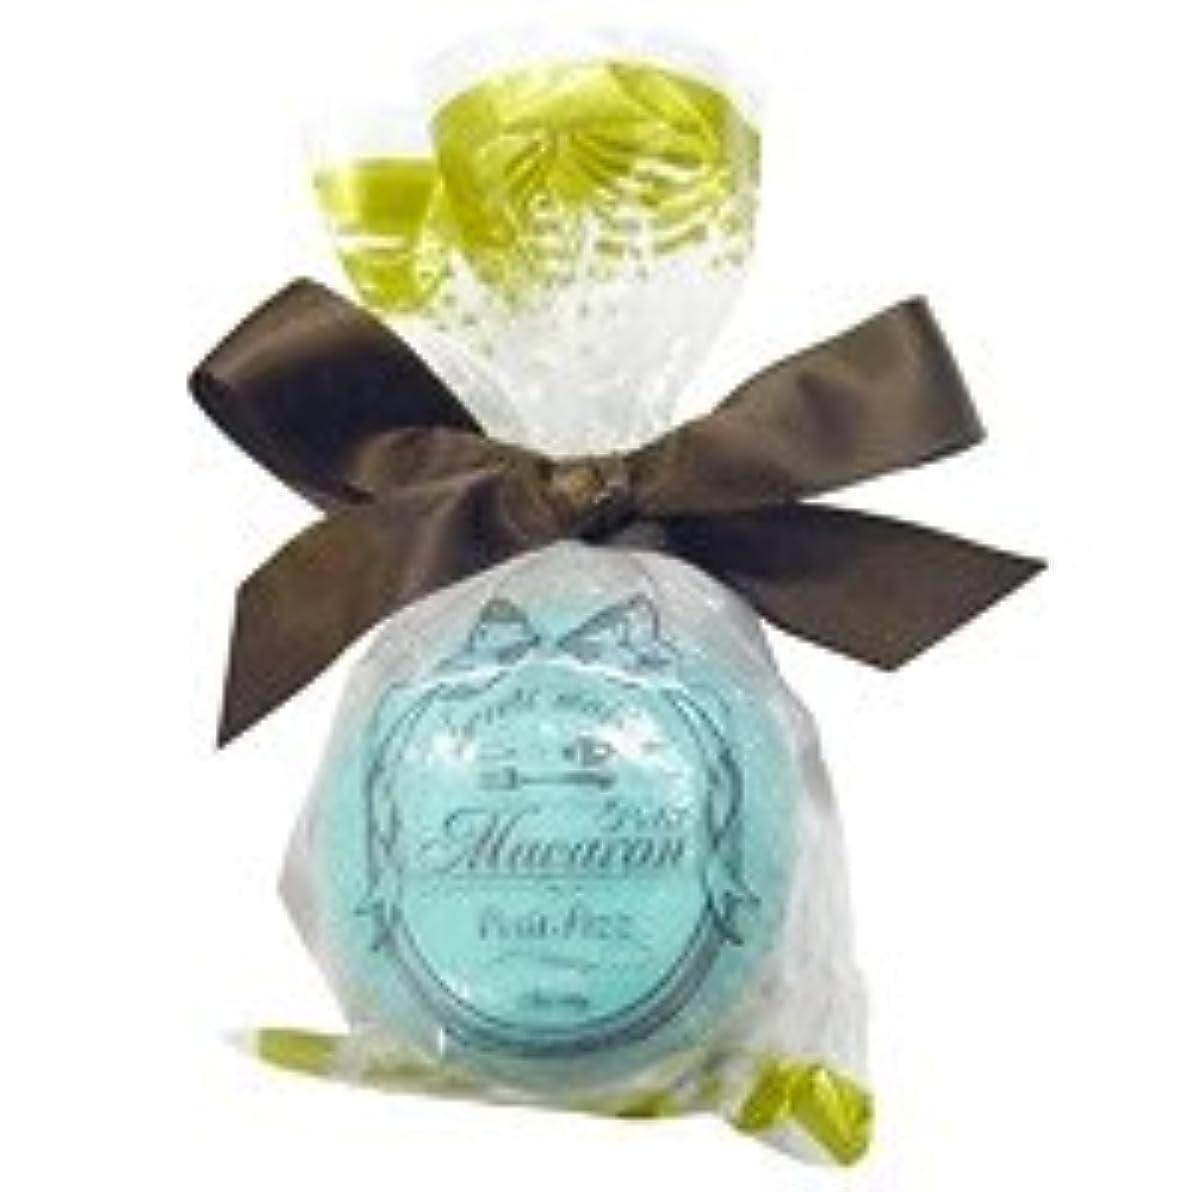 スウィーツメゾン プチマカロンフィズ「ターコイズ」12個セット 香り豊かなグリーンティの香り